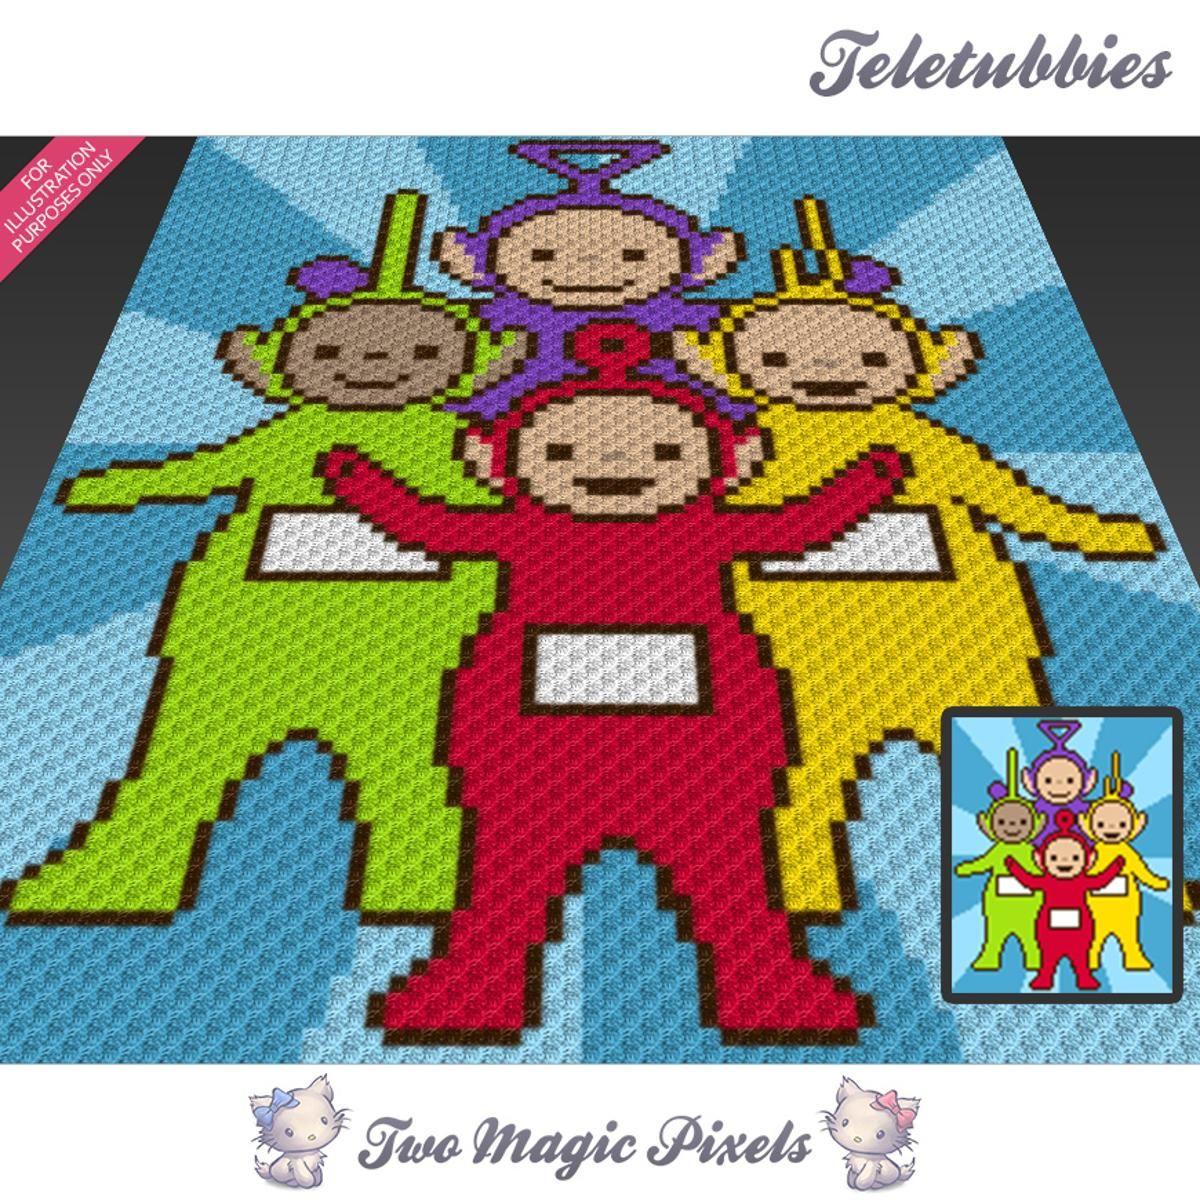 Teletubbies C2C Crochet Graph